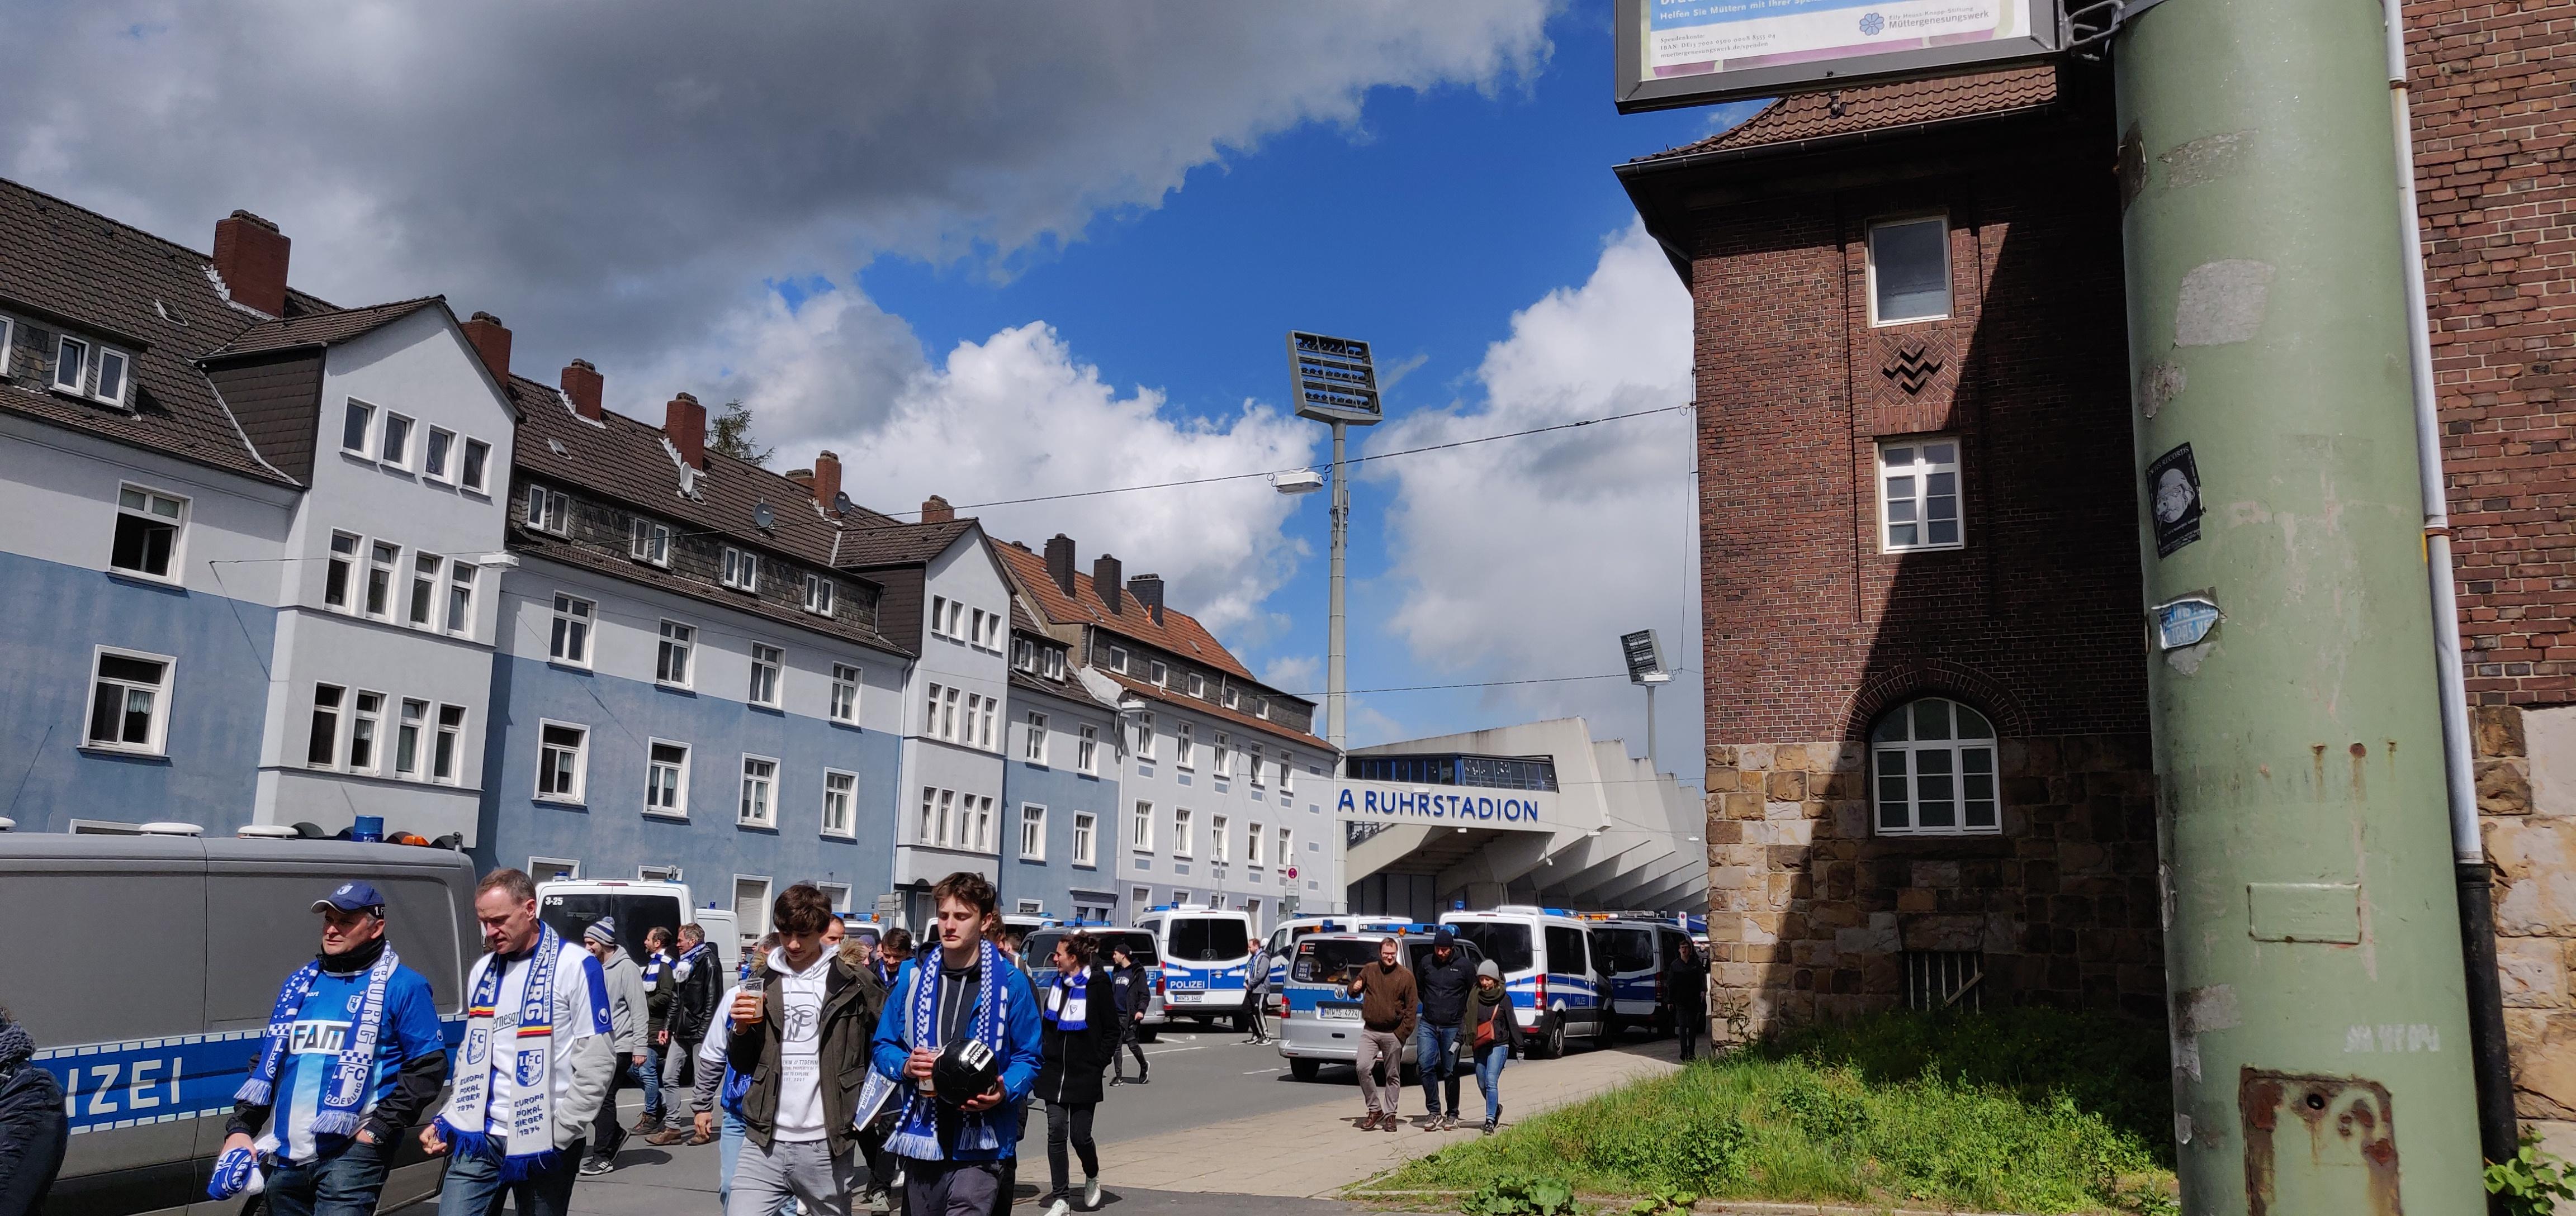 In een ander stadion: VfL Bochum – 1. FC Magdenburg